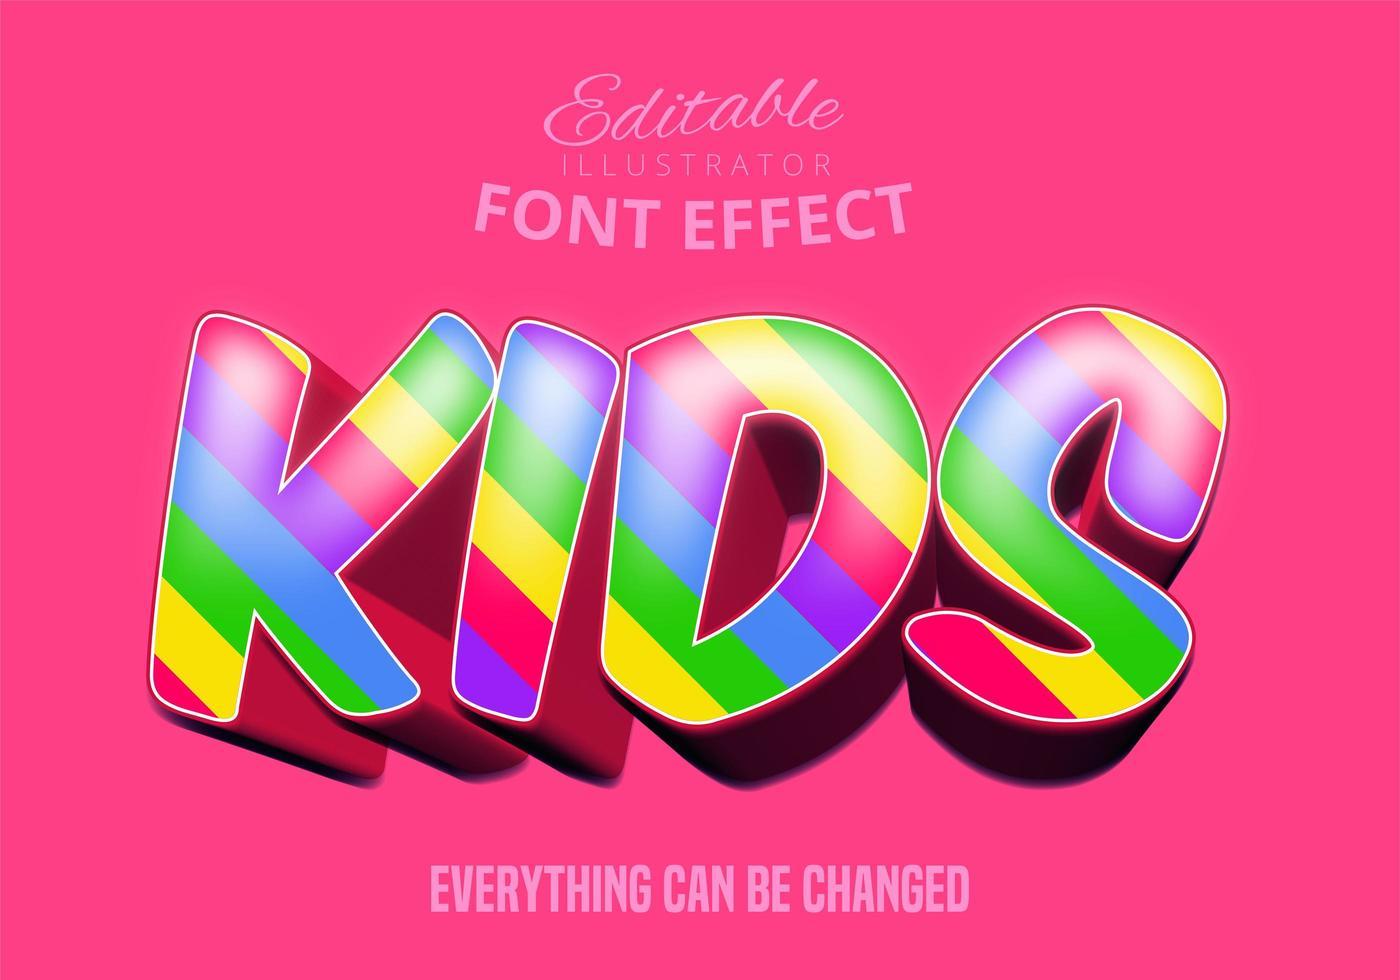 efeito de fonte editável de arco-íris de crianças vetor